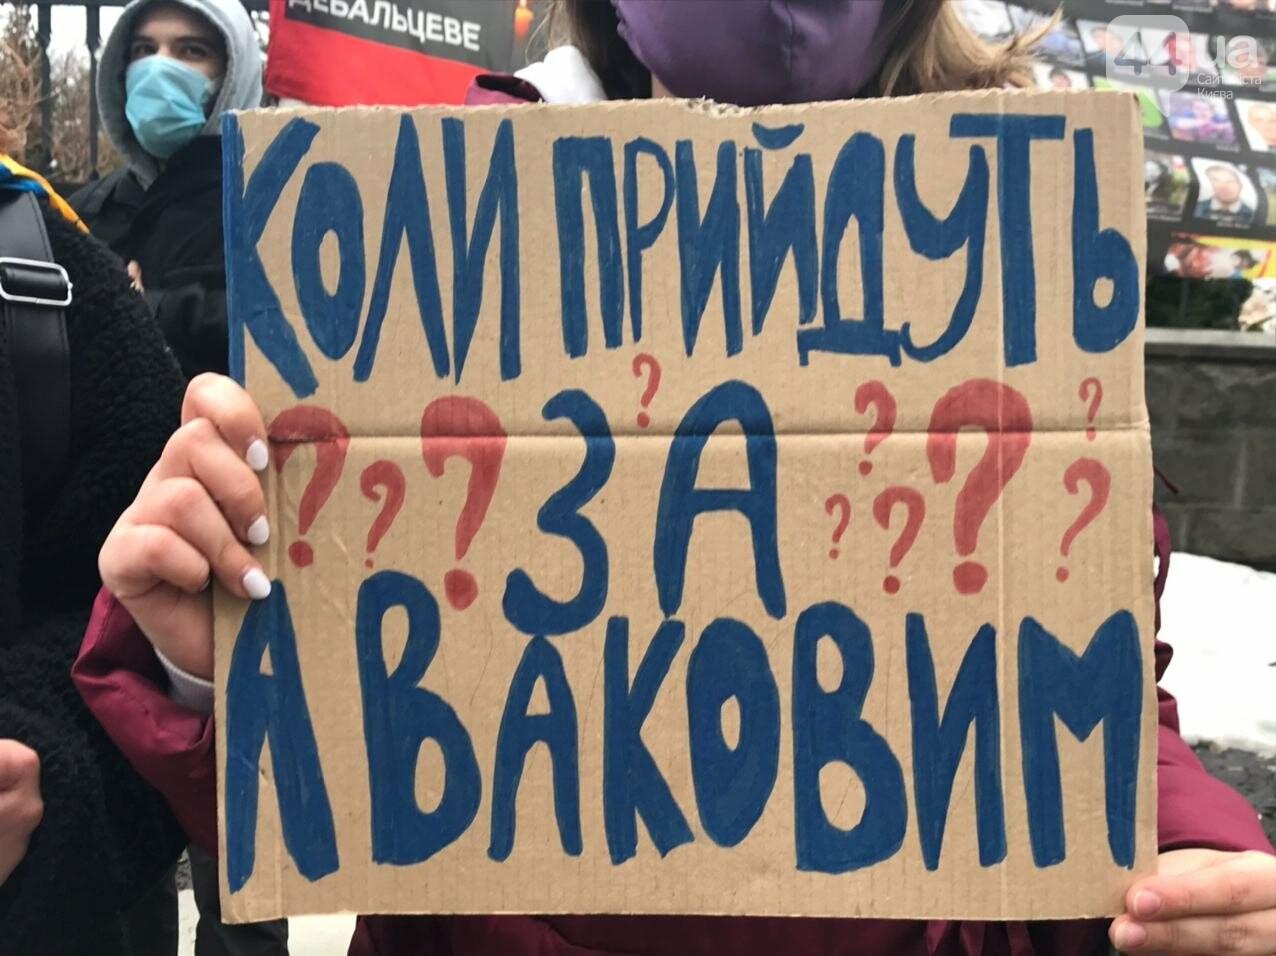 Перекрытые улицы и люди в форме: в Киеве готовятся к новым протестам из-за суда над Стерненко, фото-2